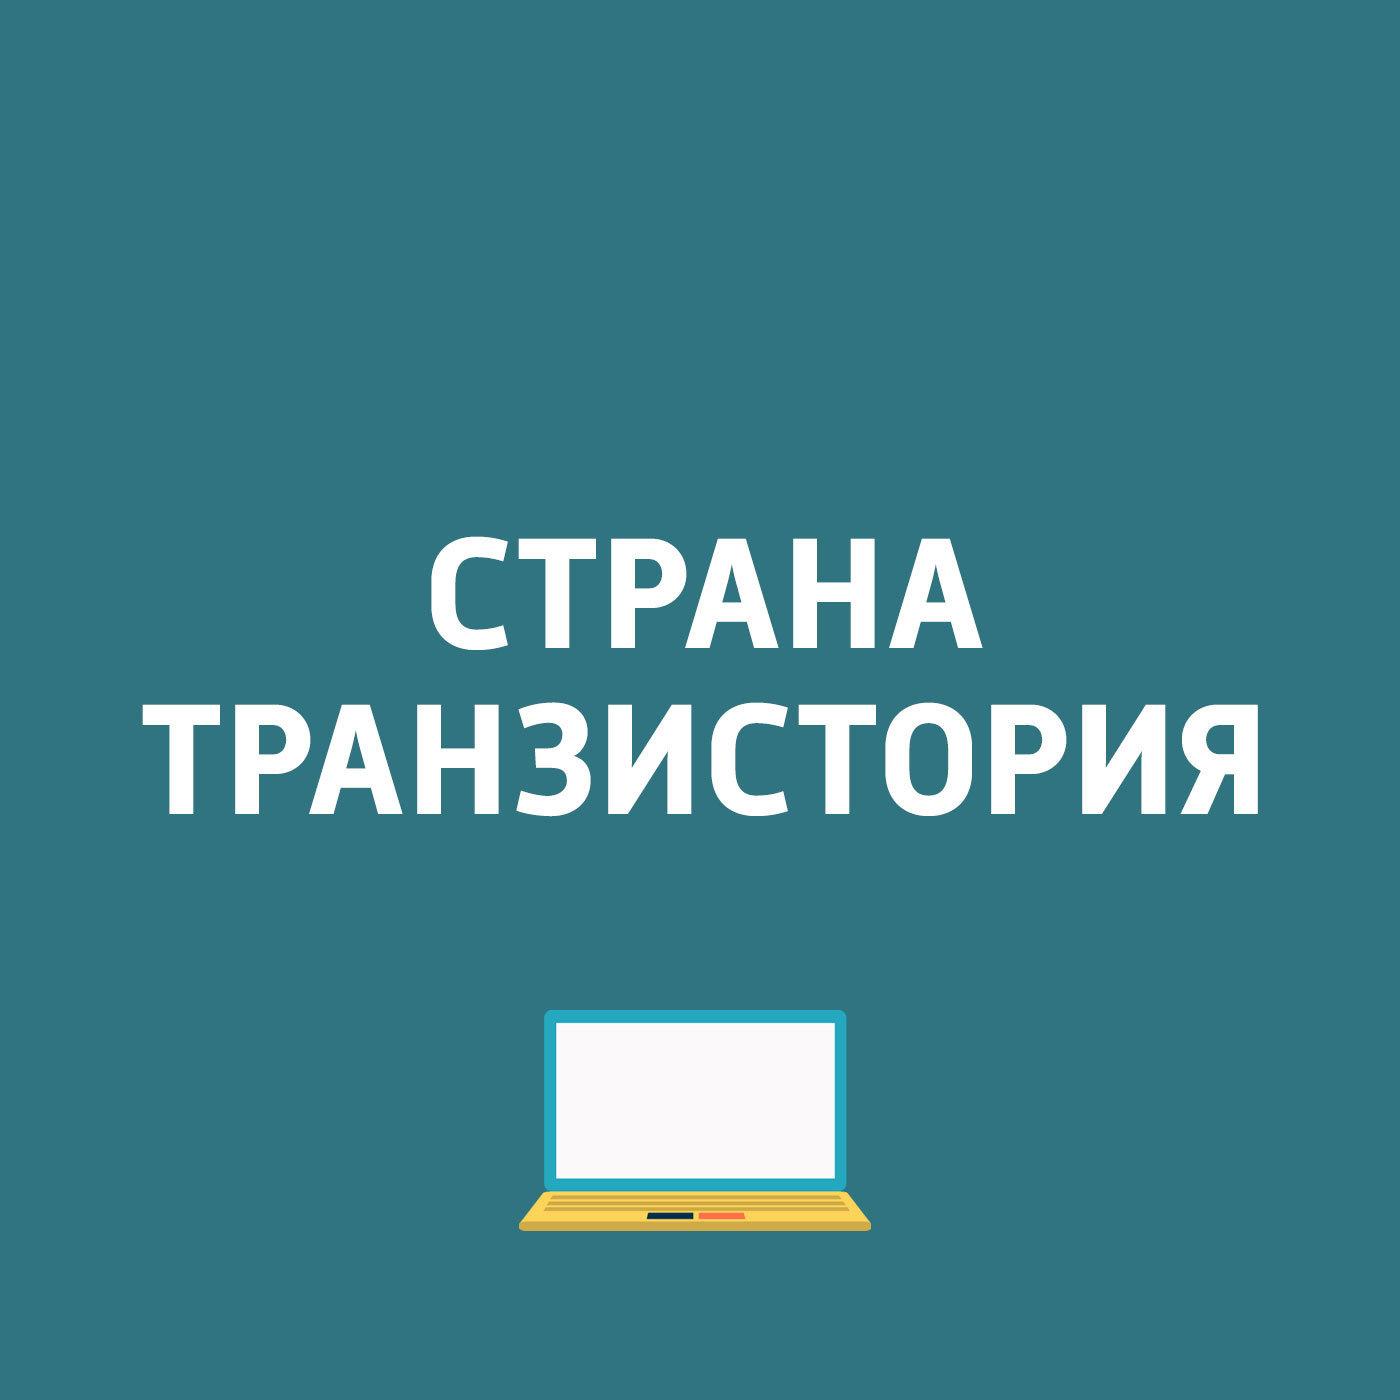 Картаев Павел Acer показала множество новинок; Пользователи iPhone X жалуются на трескающиеся объективы; MEGOGO открывает бесплатный доступ к телеканалам картаев павел hmd получила контроль над брендом nokia смартфоны дебютируют в 2017 году